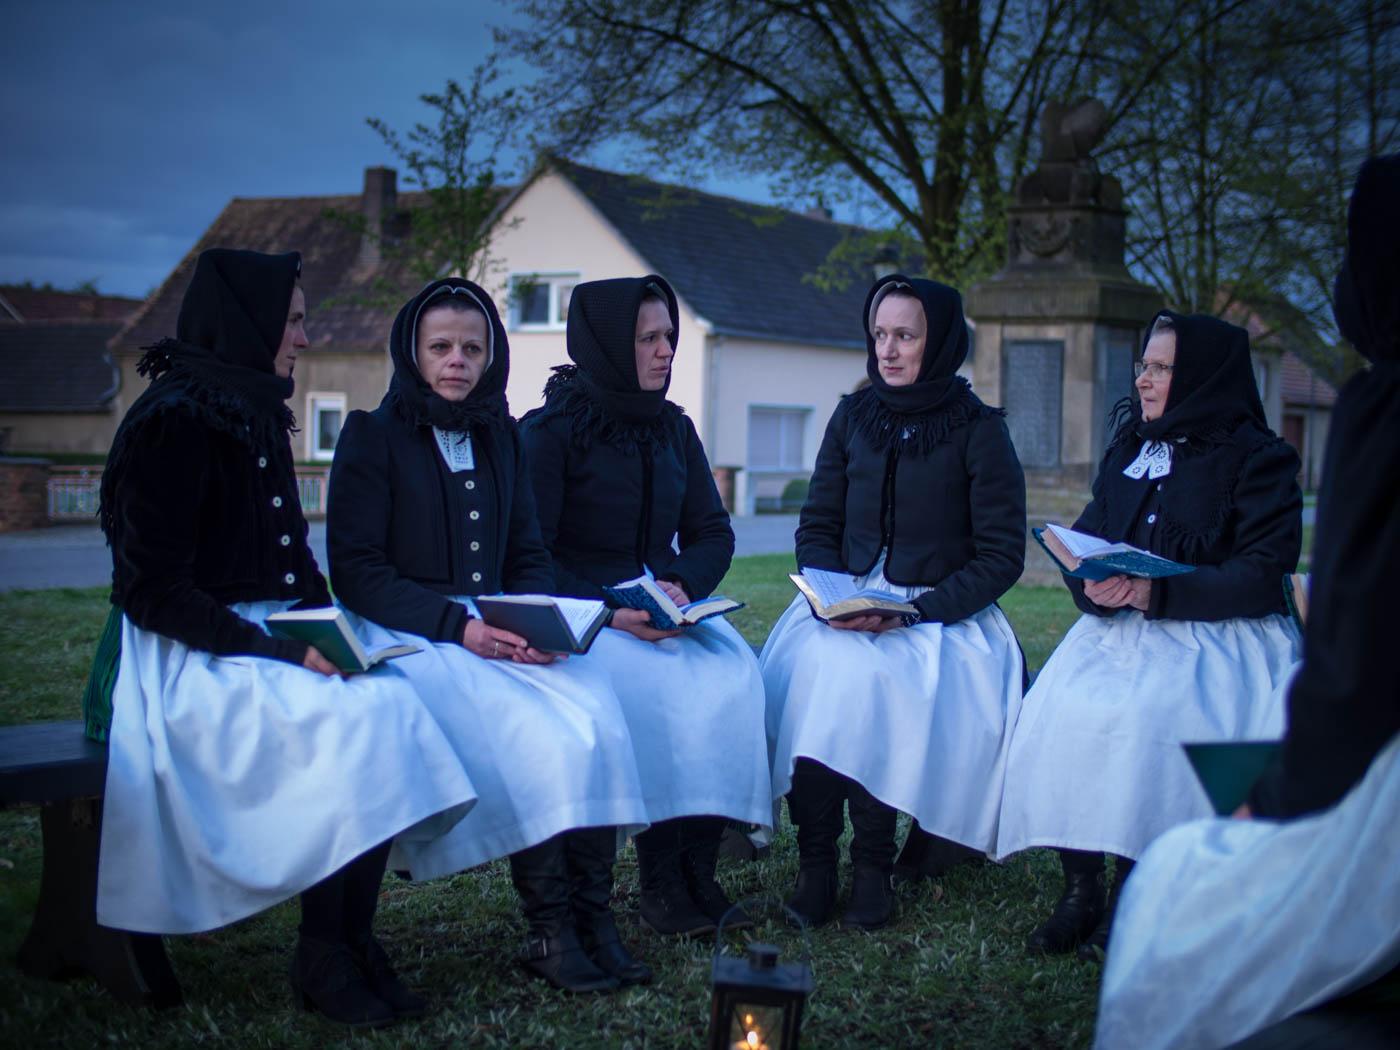 Fünf Uhr früh am Morgen, kurz vor Sonnenaufgang, sammeln sie sich an der Schleifer Kirche: Frauen und Mädchen in sorbischer evangelischer Schleifer Halbtrauertracht.